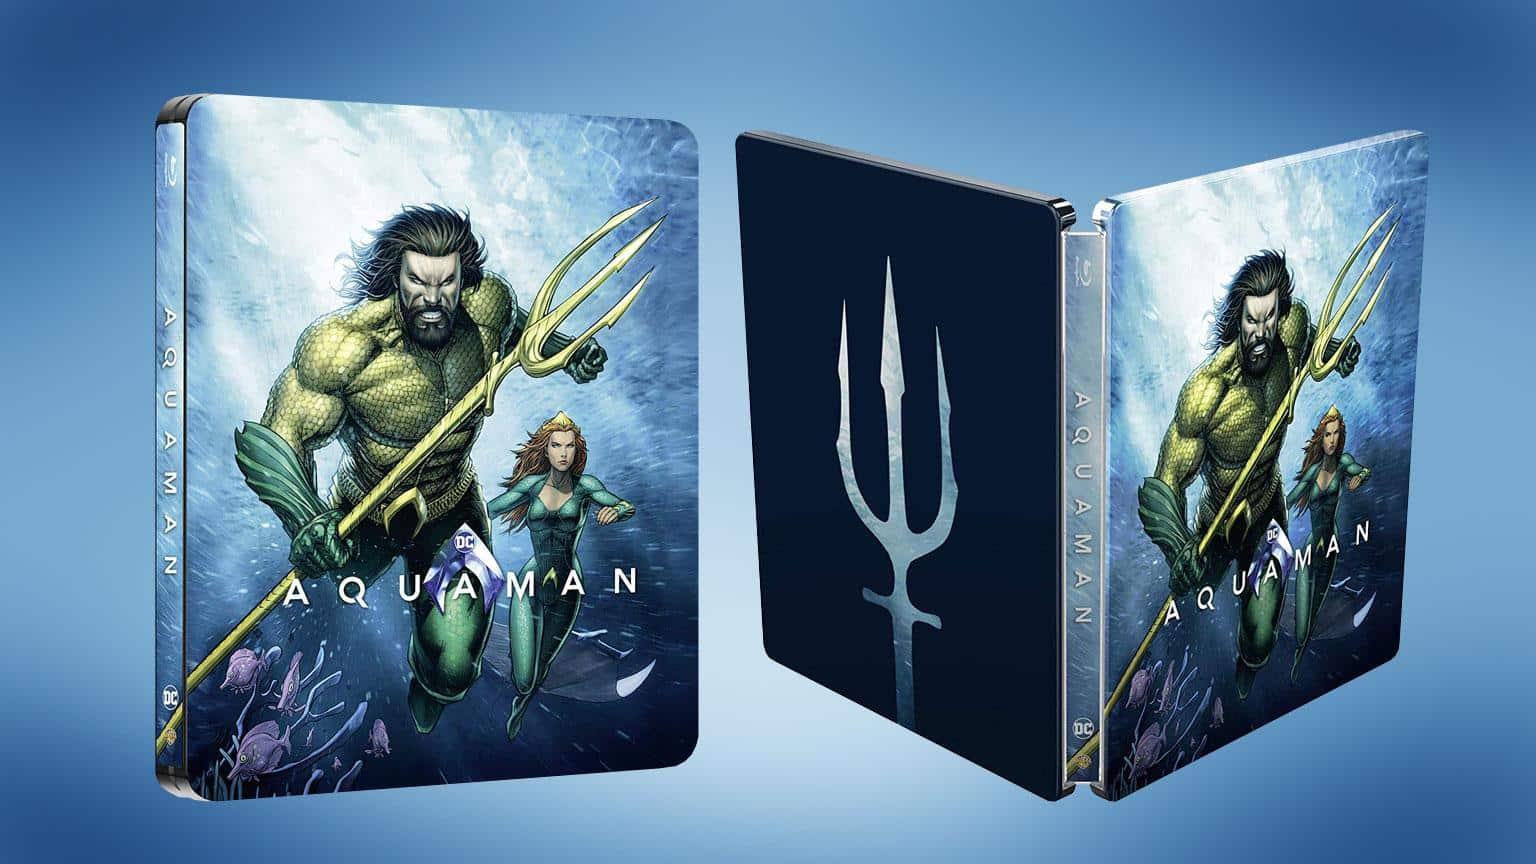 Aquaman Illustriertes Limitiertes Steelbook